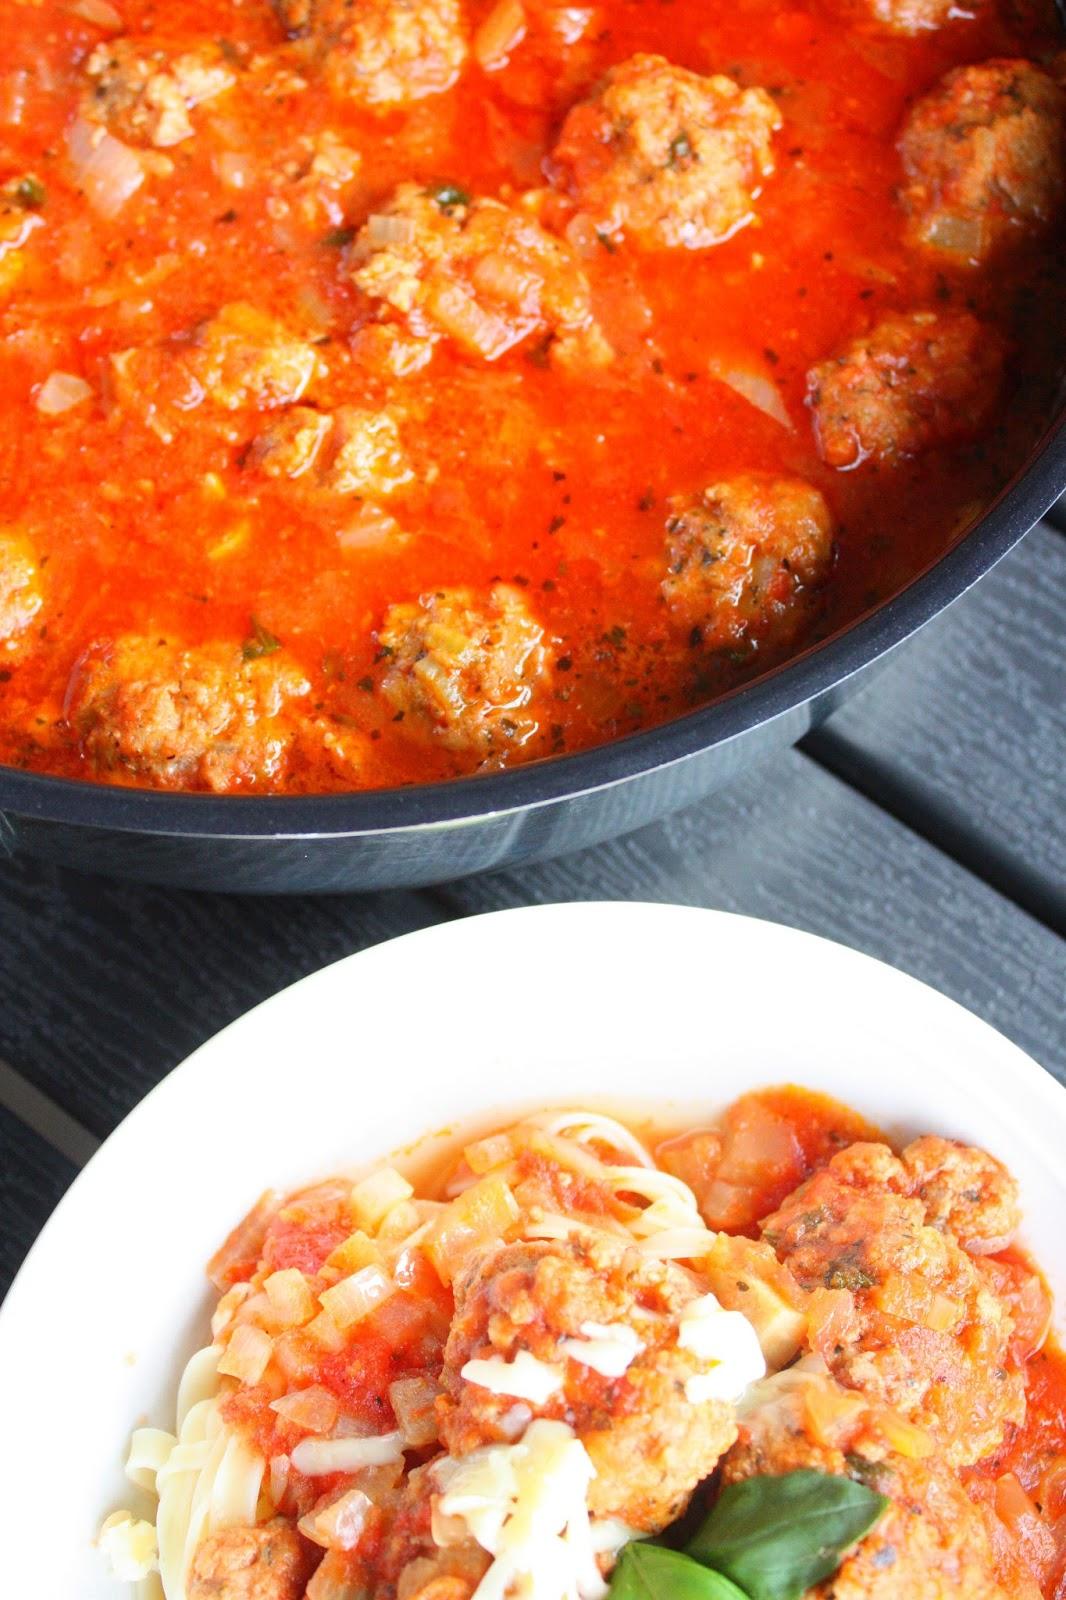 frikadelli lihapulla lihapyörykkä italia tomaattikastike resepti pasta